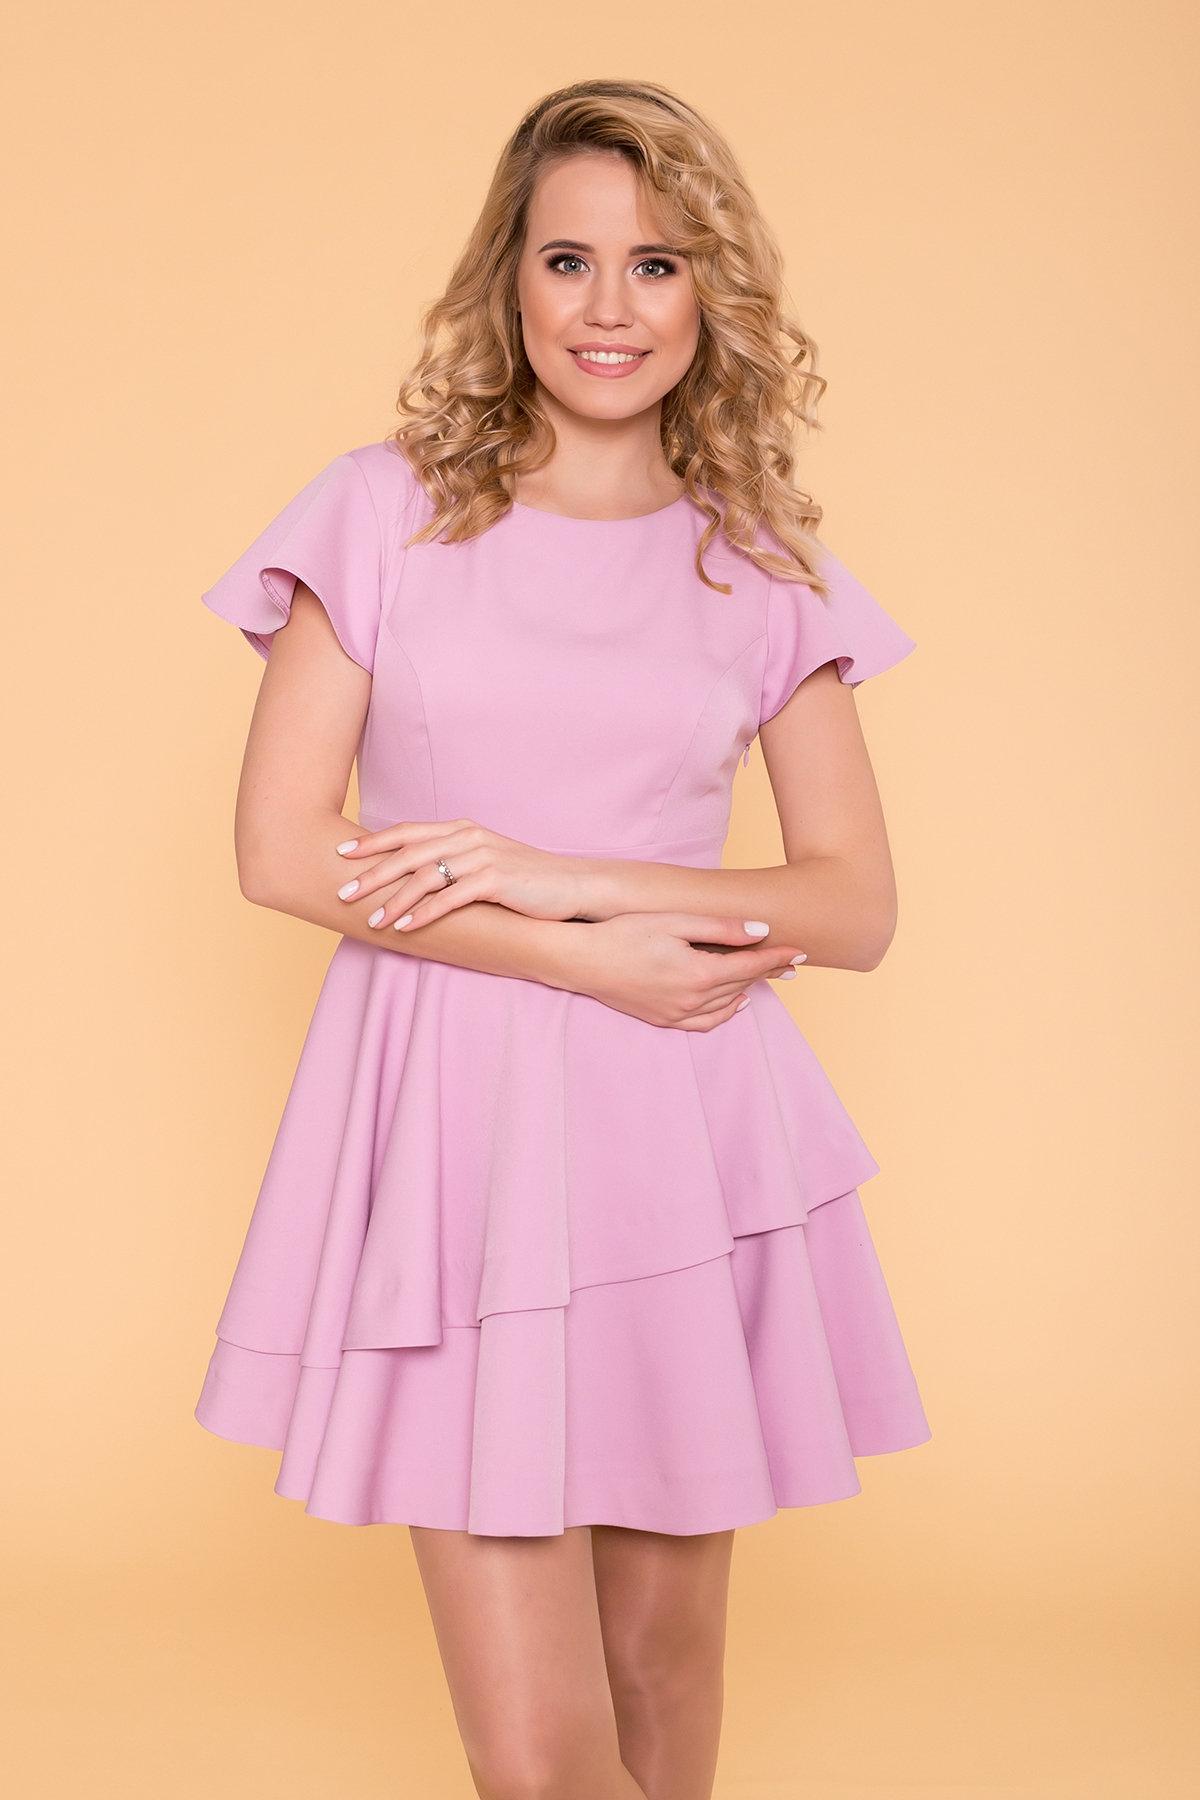 Платье Симур 6888 АРТ. 41987 Цвет: Пудра 3 - фото 6, интернет магазин tm-modus.ru